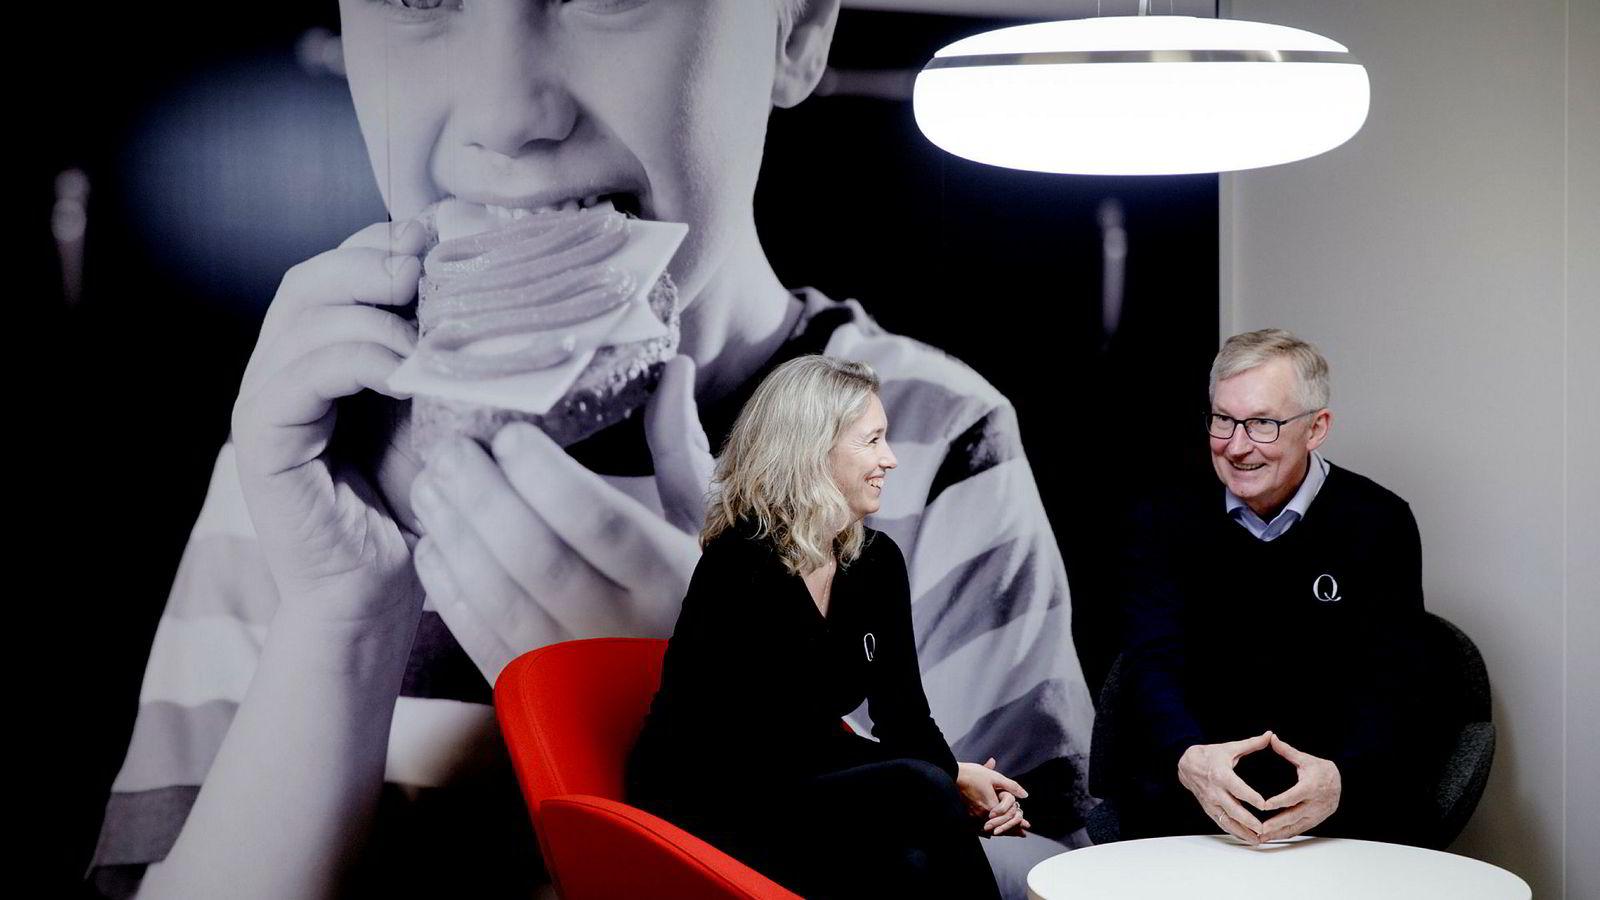 Q-sjef Bent Myrdahl og Kristine Aasheim i eierselskapet Kavli Norge er i hælene på Tine, men det er fortsatt ingen tvil om hvem som er størst.